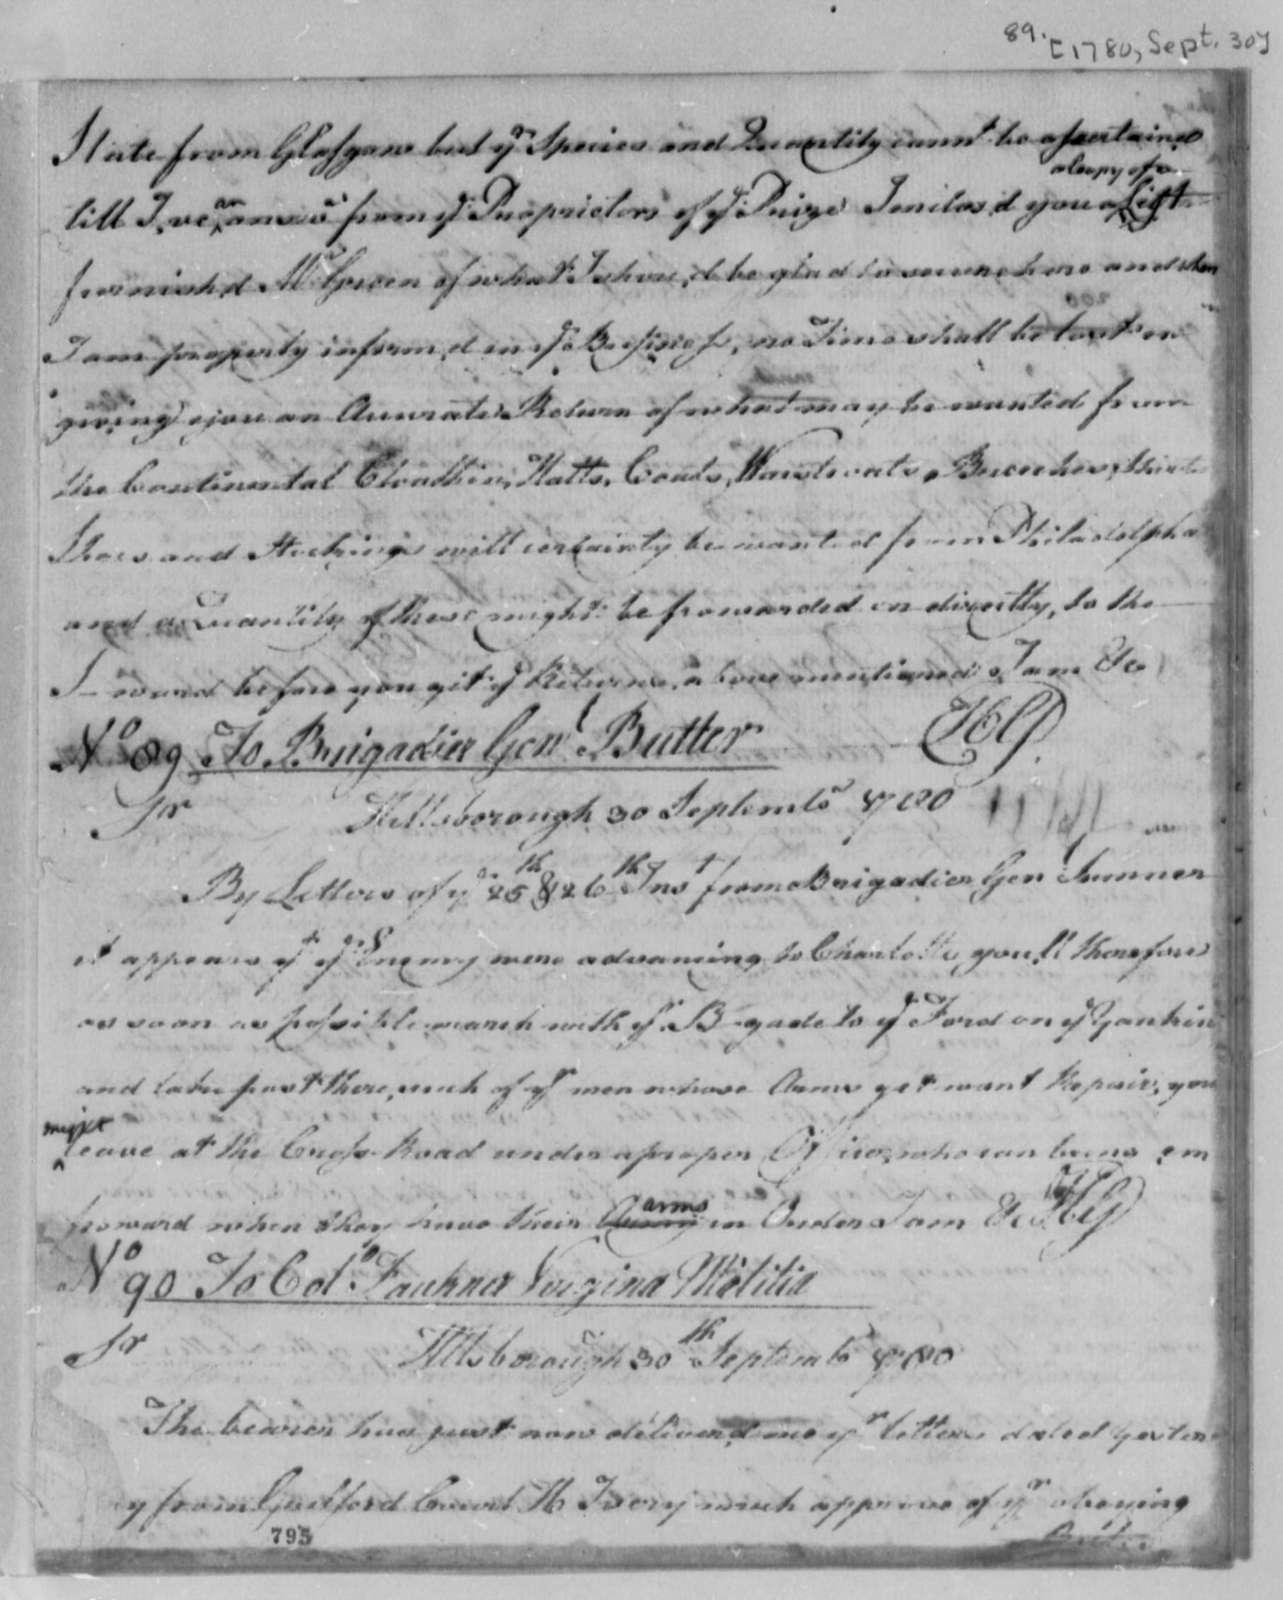 Horatio Gates to John Butler, September 30, 1780